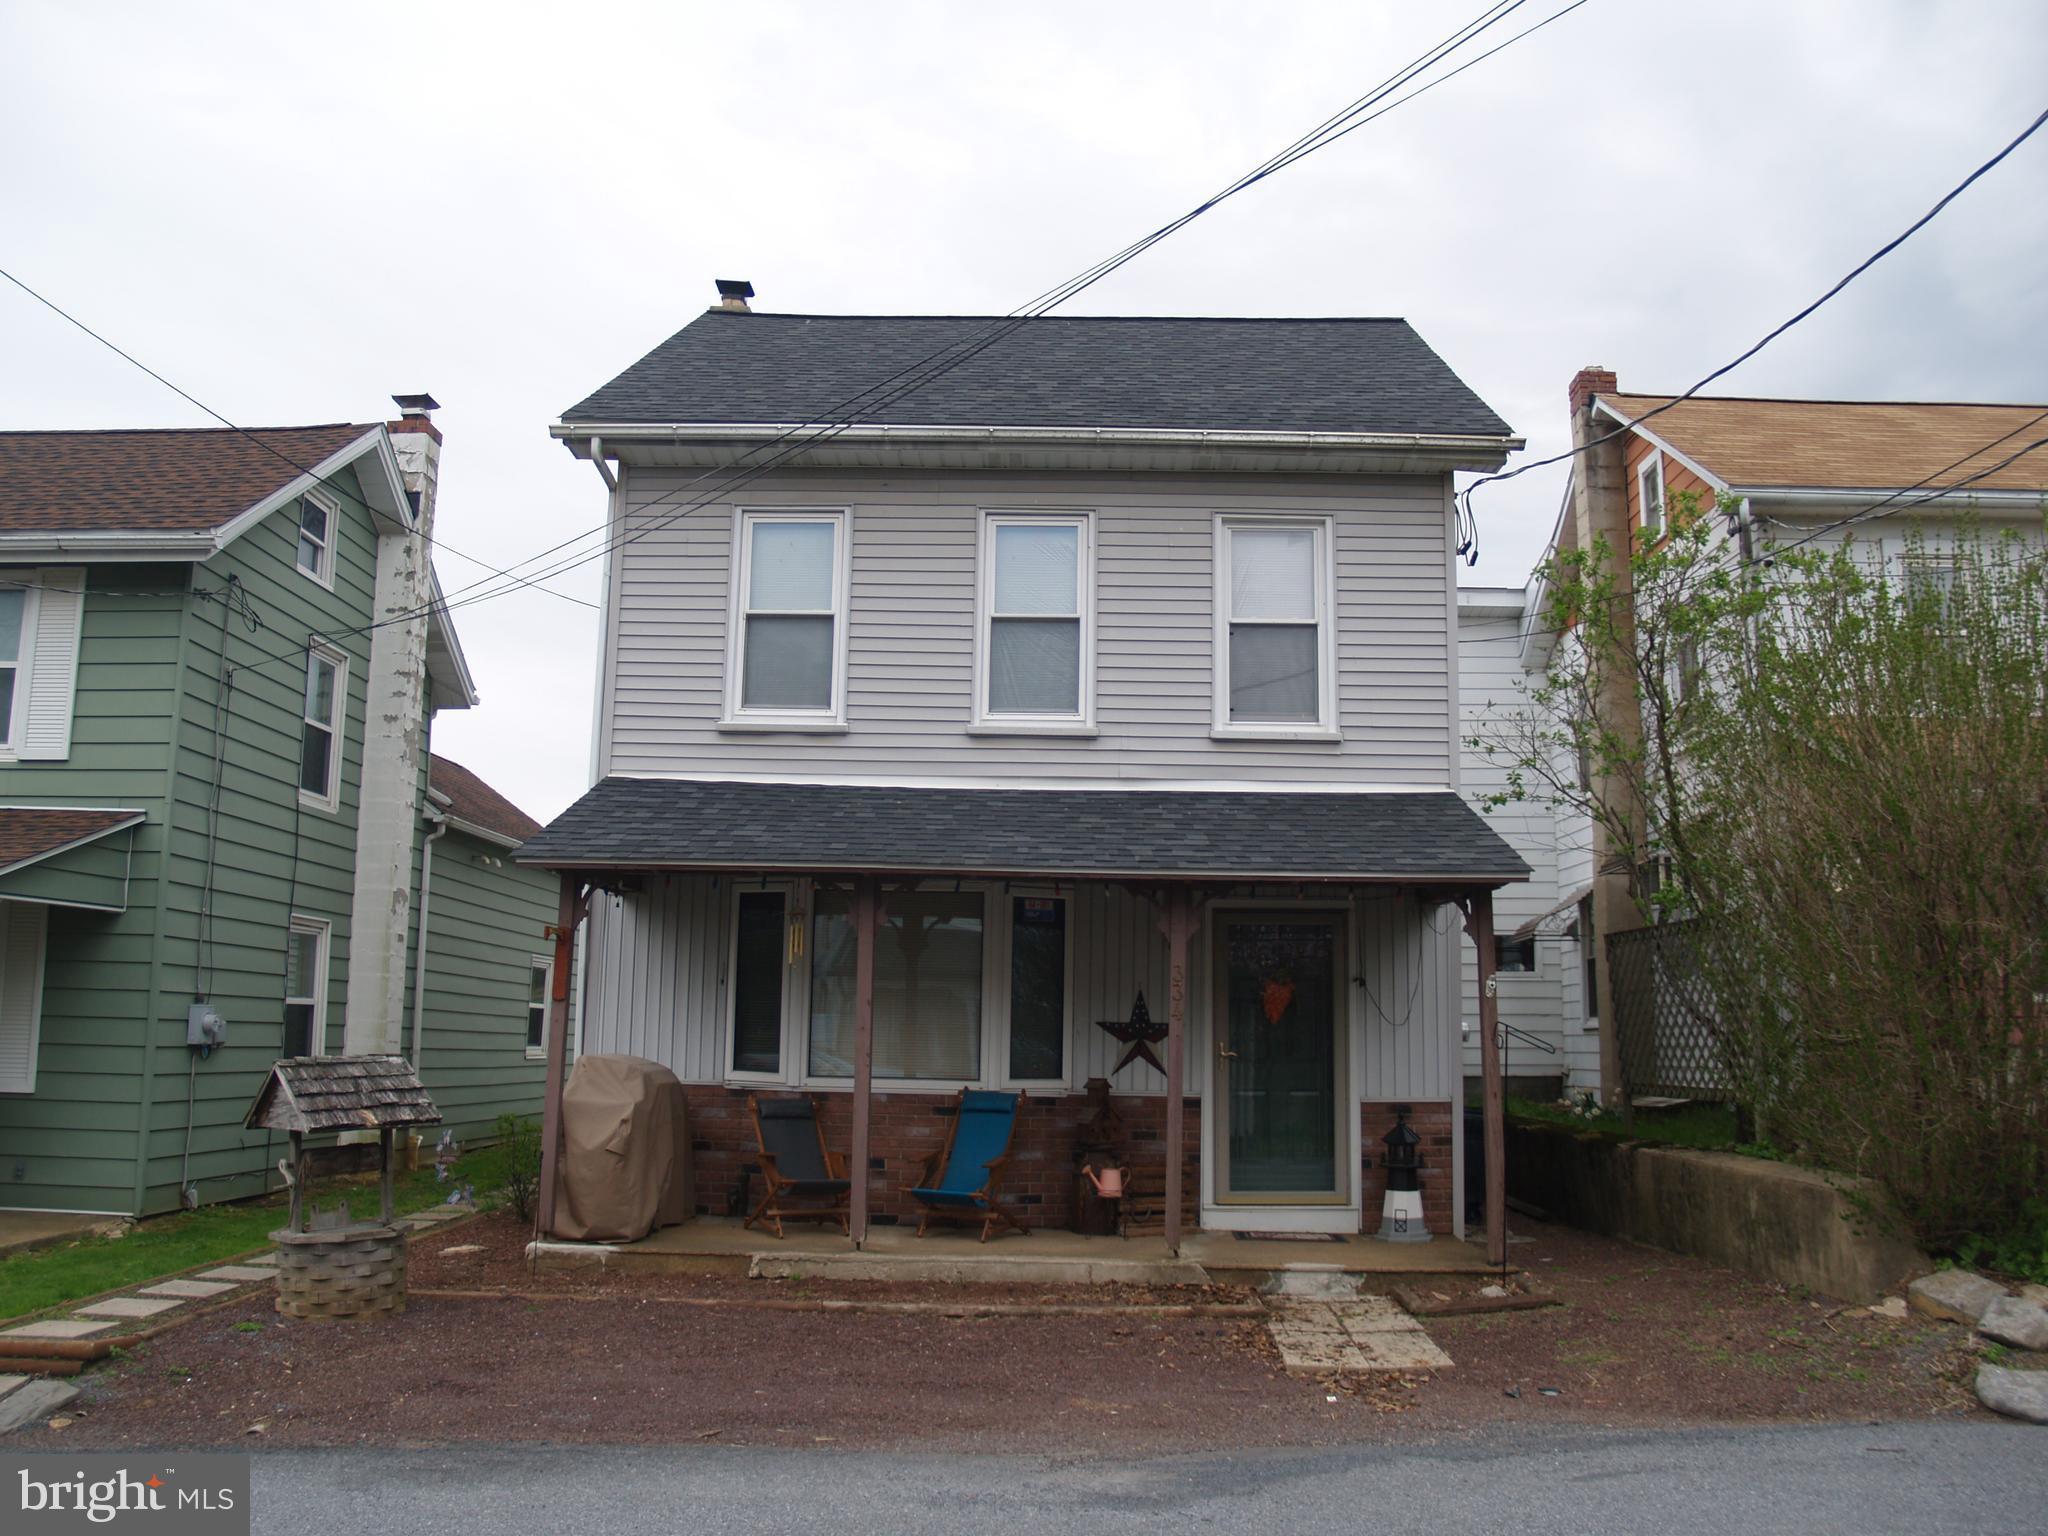 334 CLOVER STREET, MERTZTOWN, PA 19539